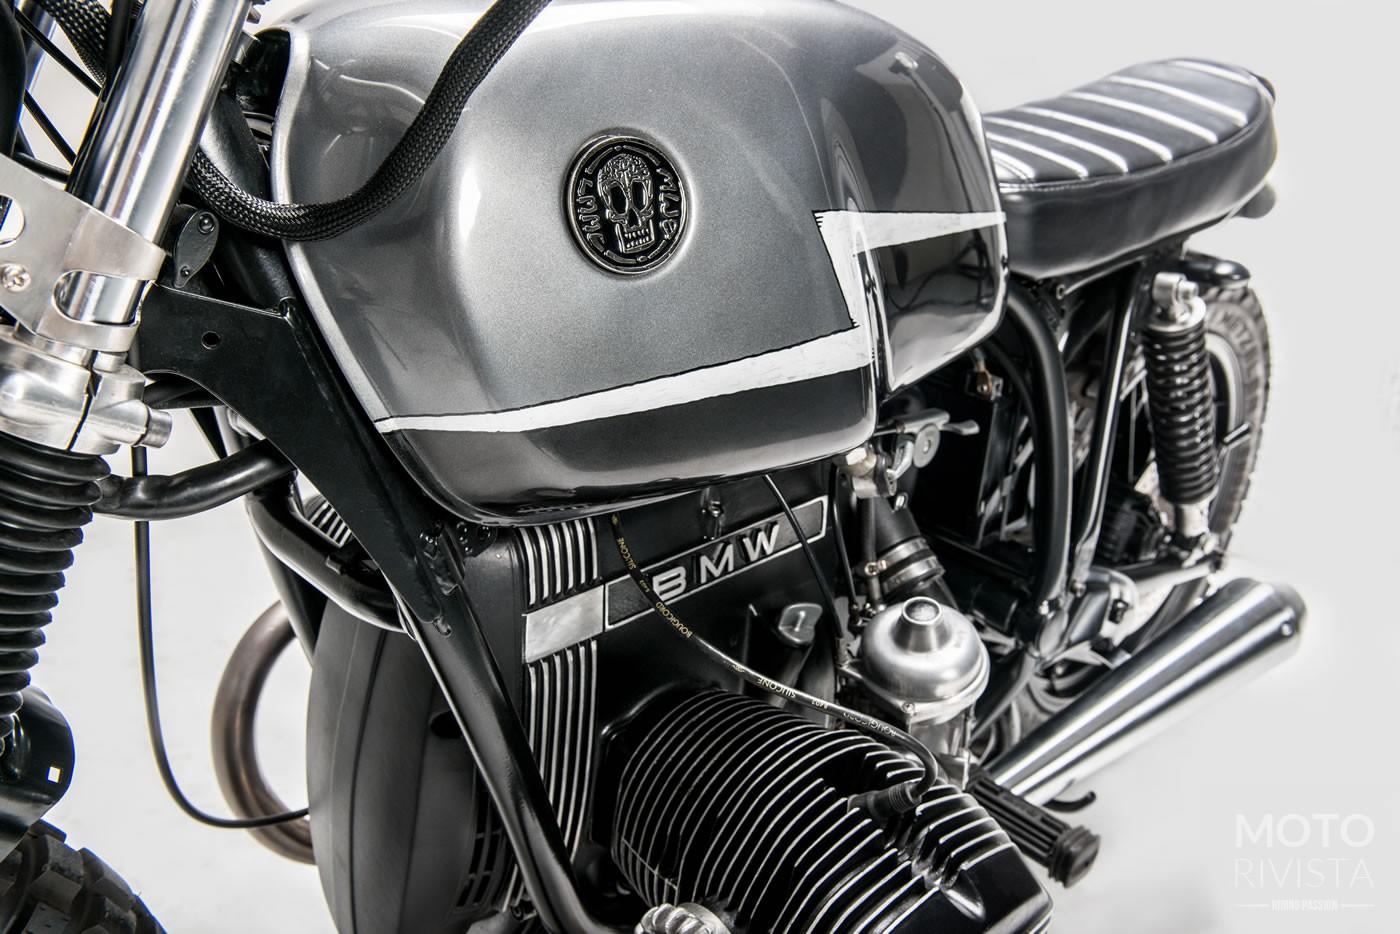 BMW-R100RT-Scrambler-by-Los-Muertos-Motorcycles-3